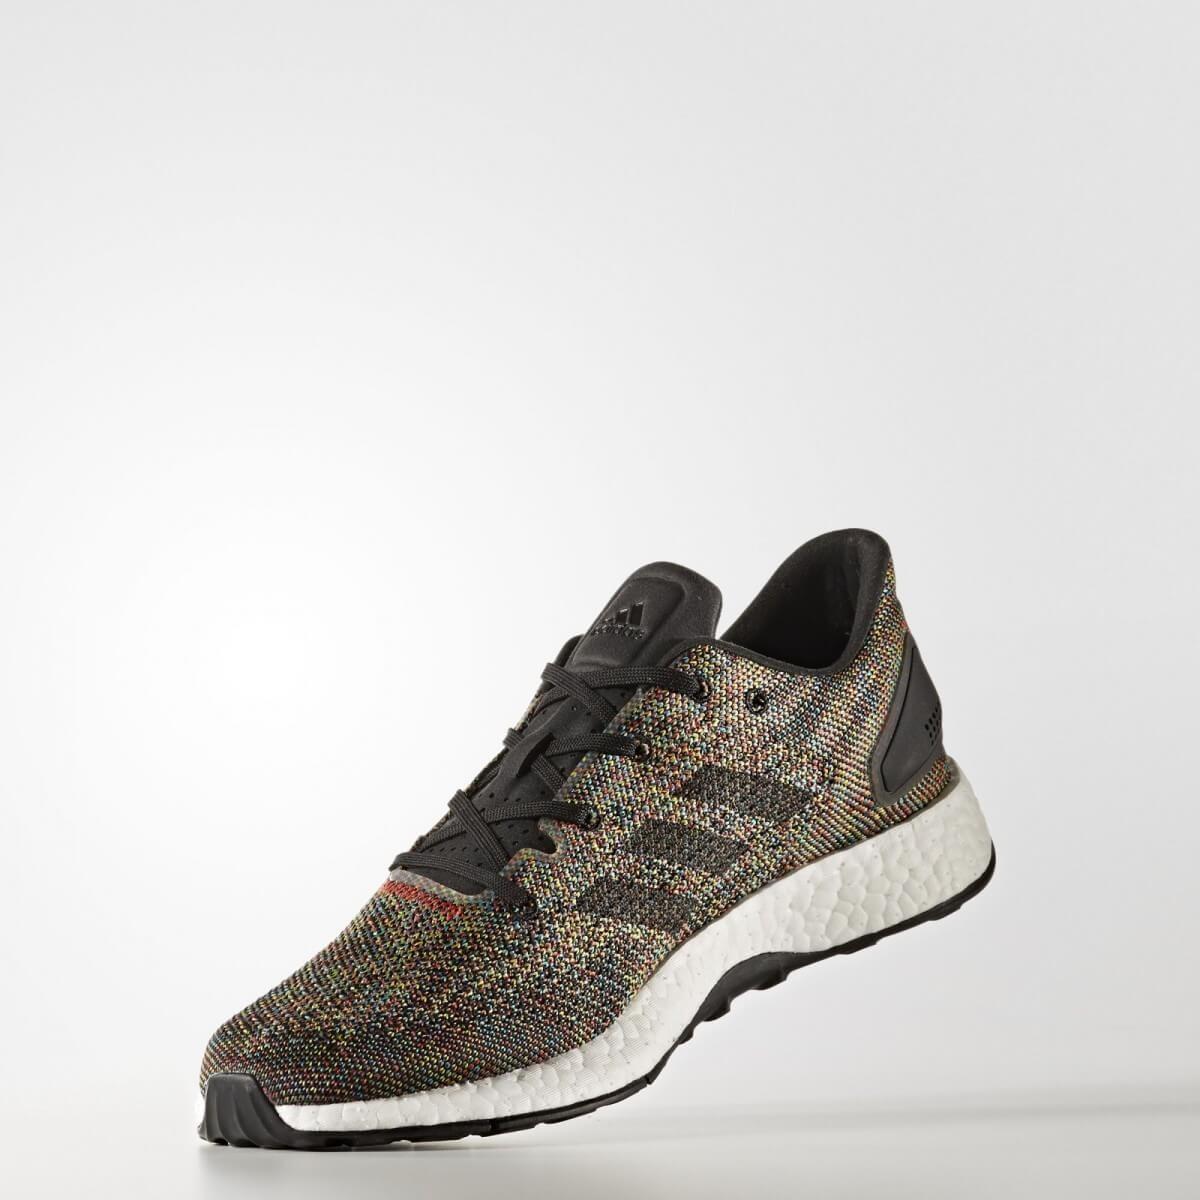 52487f21defc1 Zapatillas running Adidas PureBoost DPR LTD multicolor para hombre